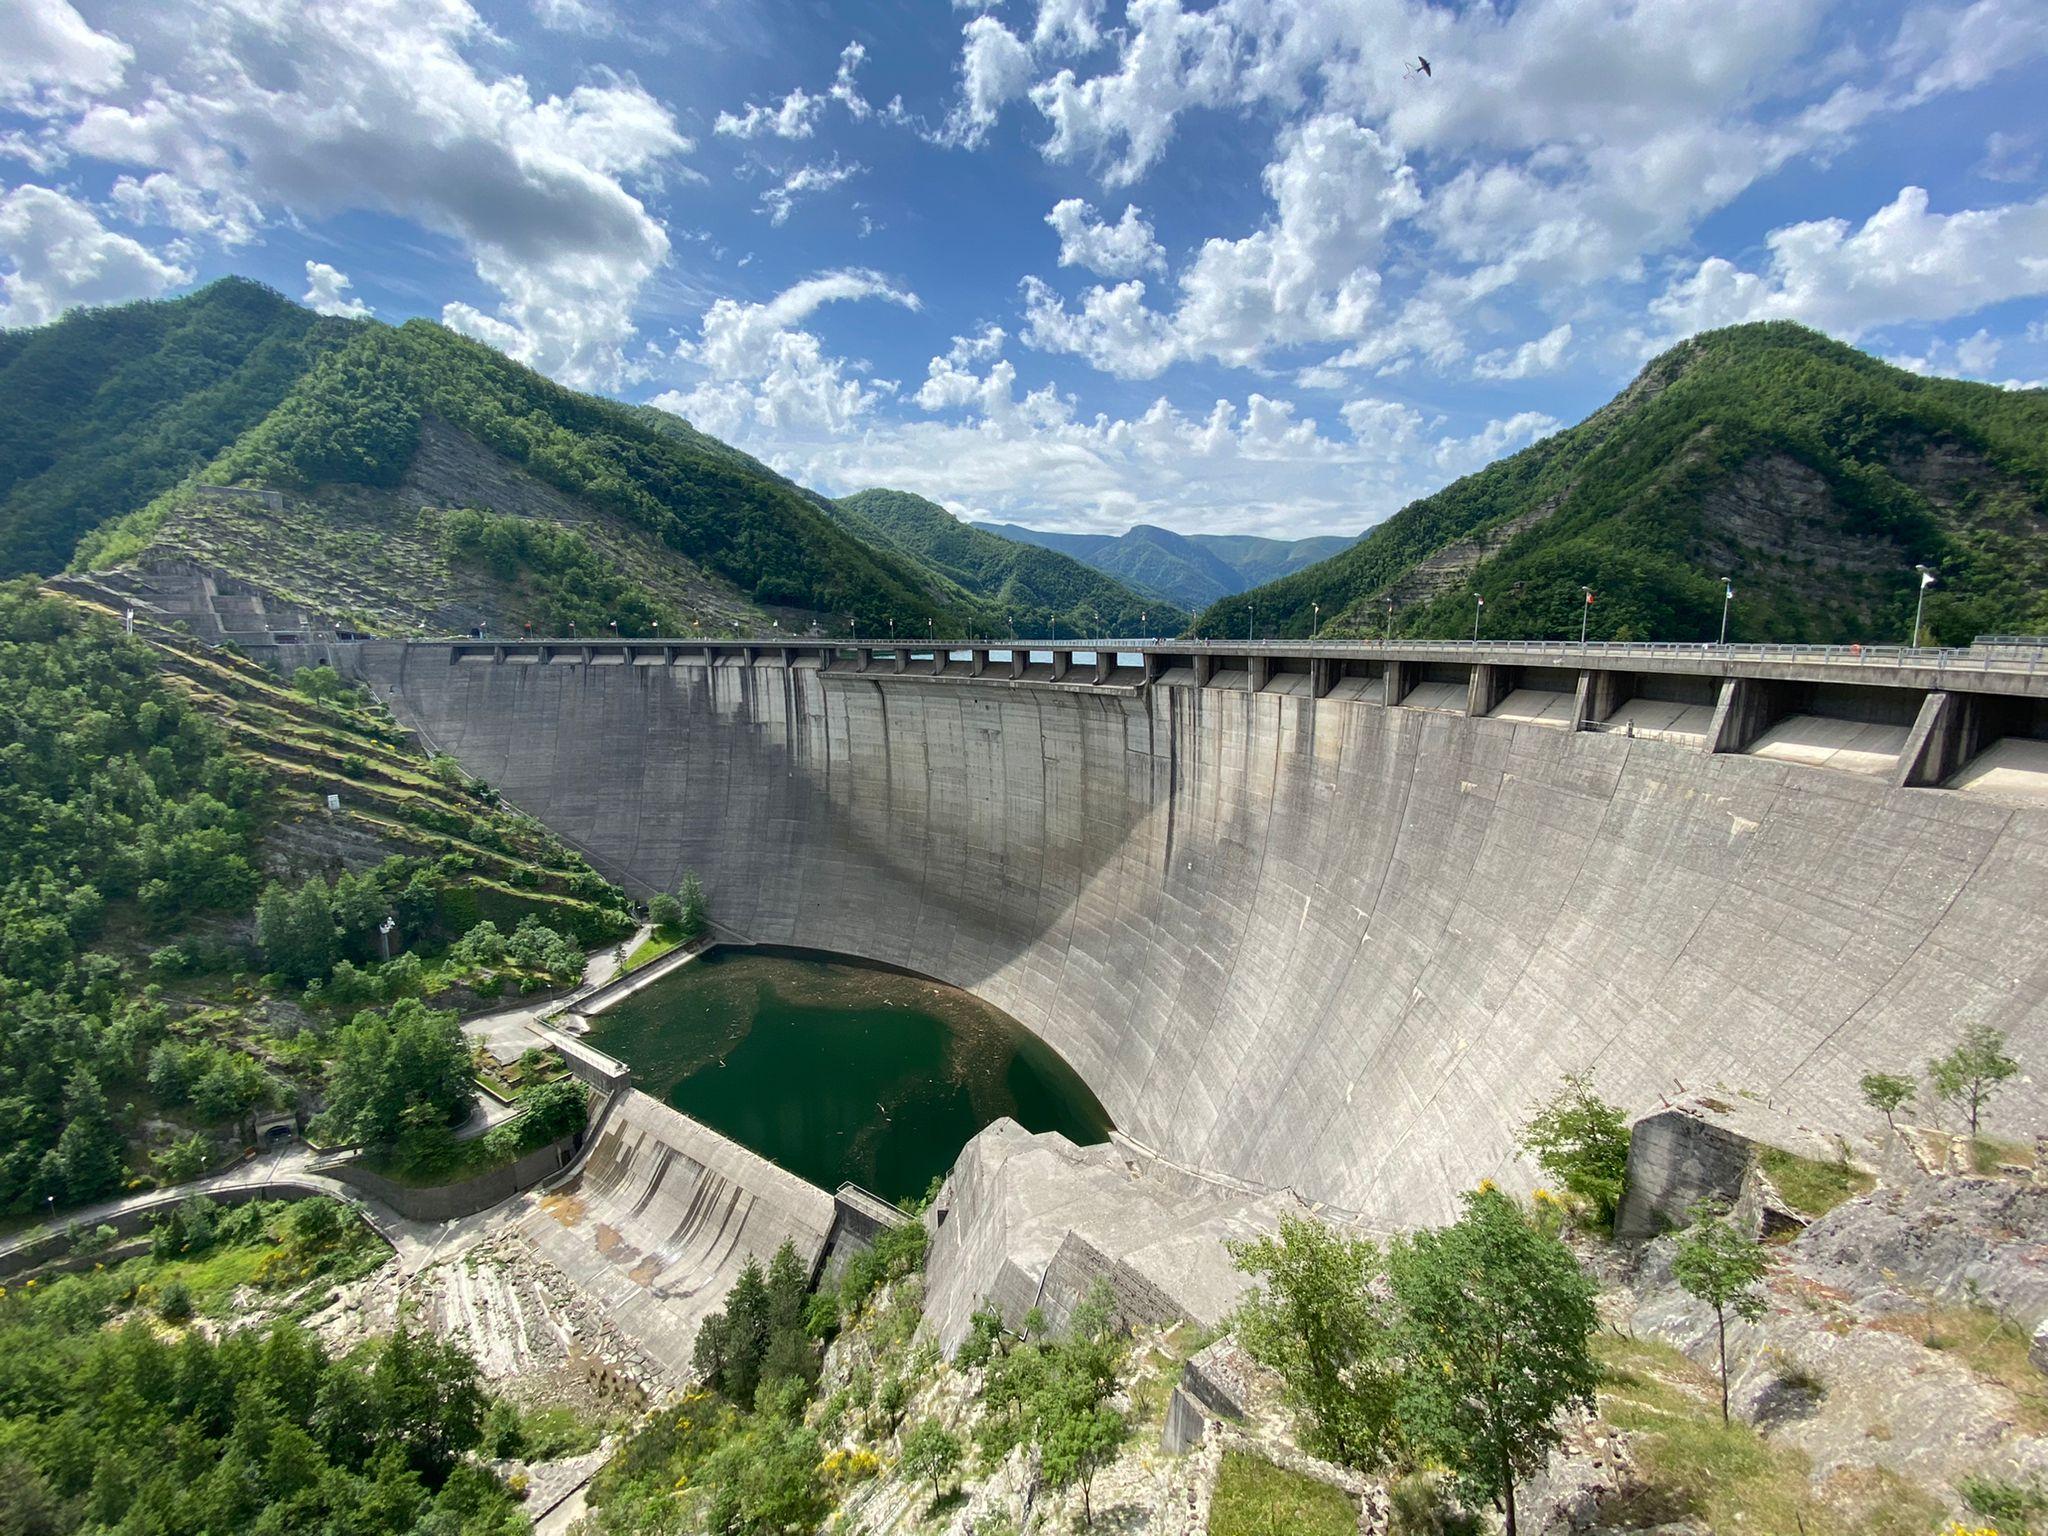 Vista d'insieme della diga di Ridracoli